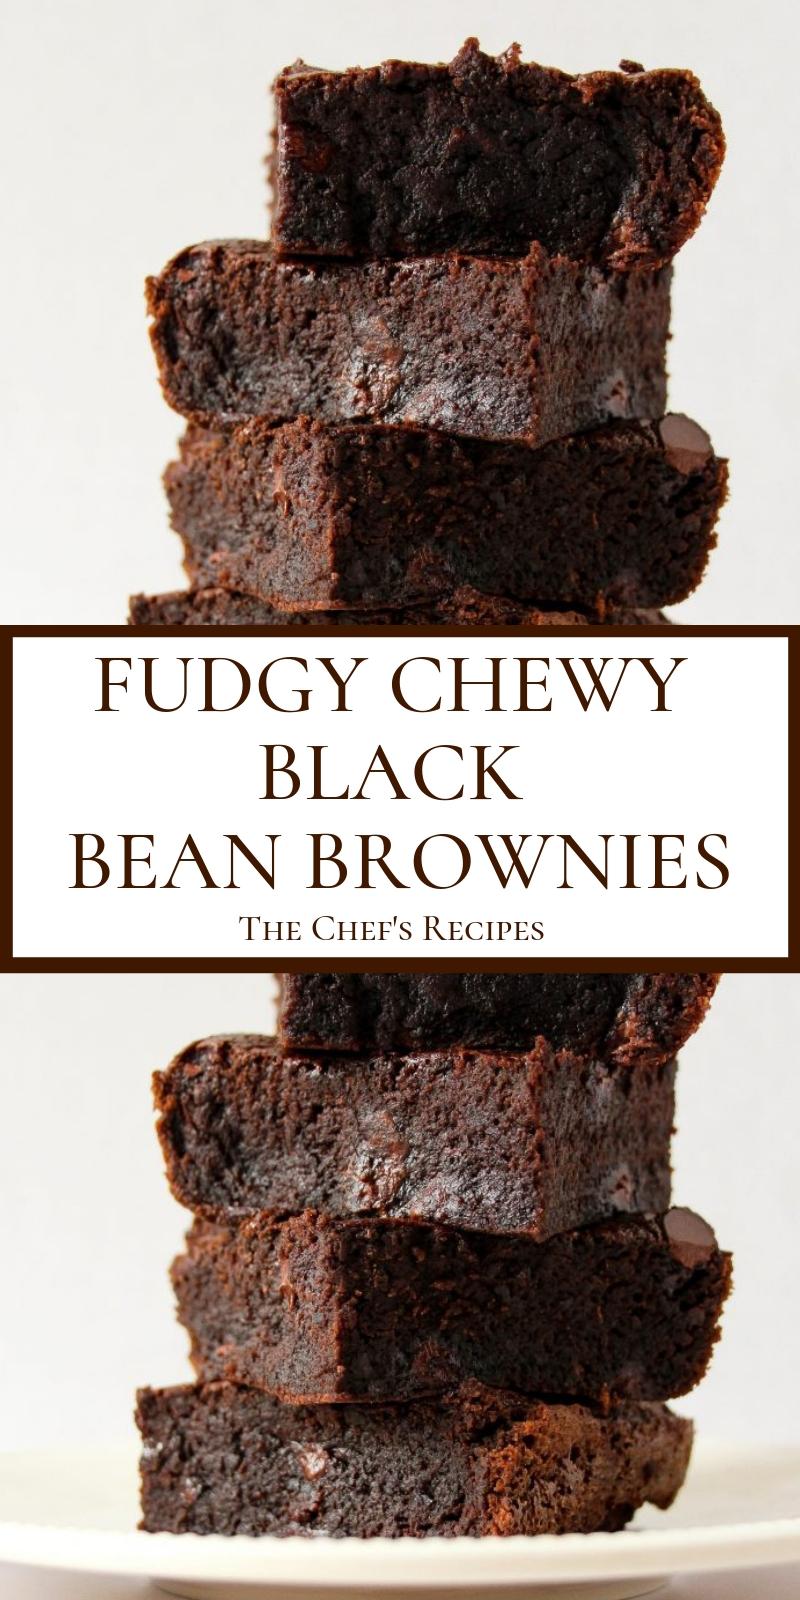 FUDGY CHEWY BLACK BEAN BROWNIES